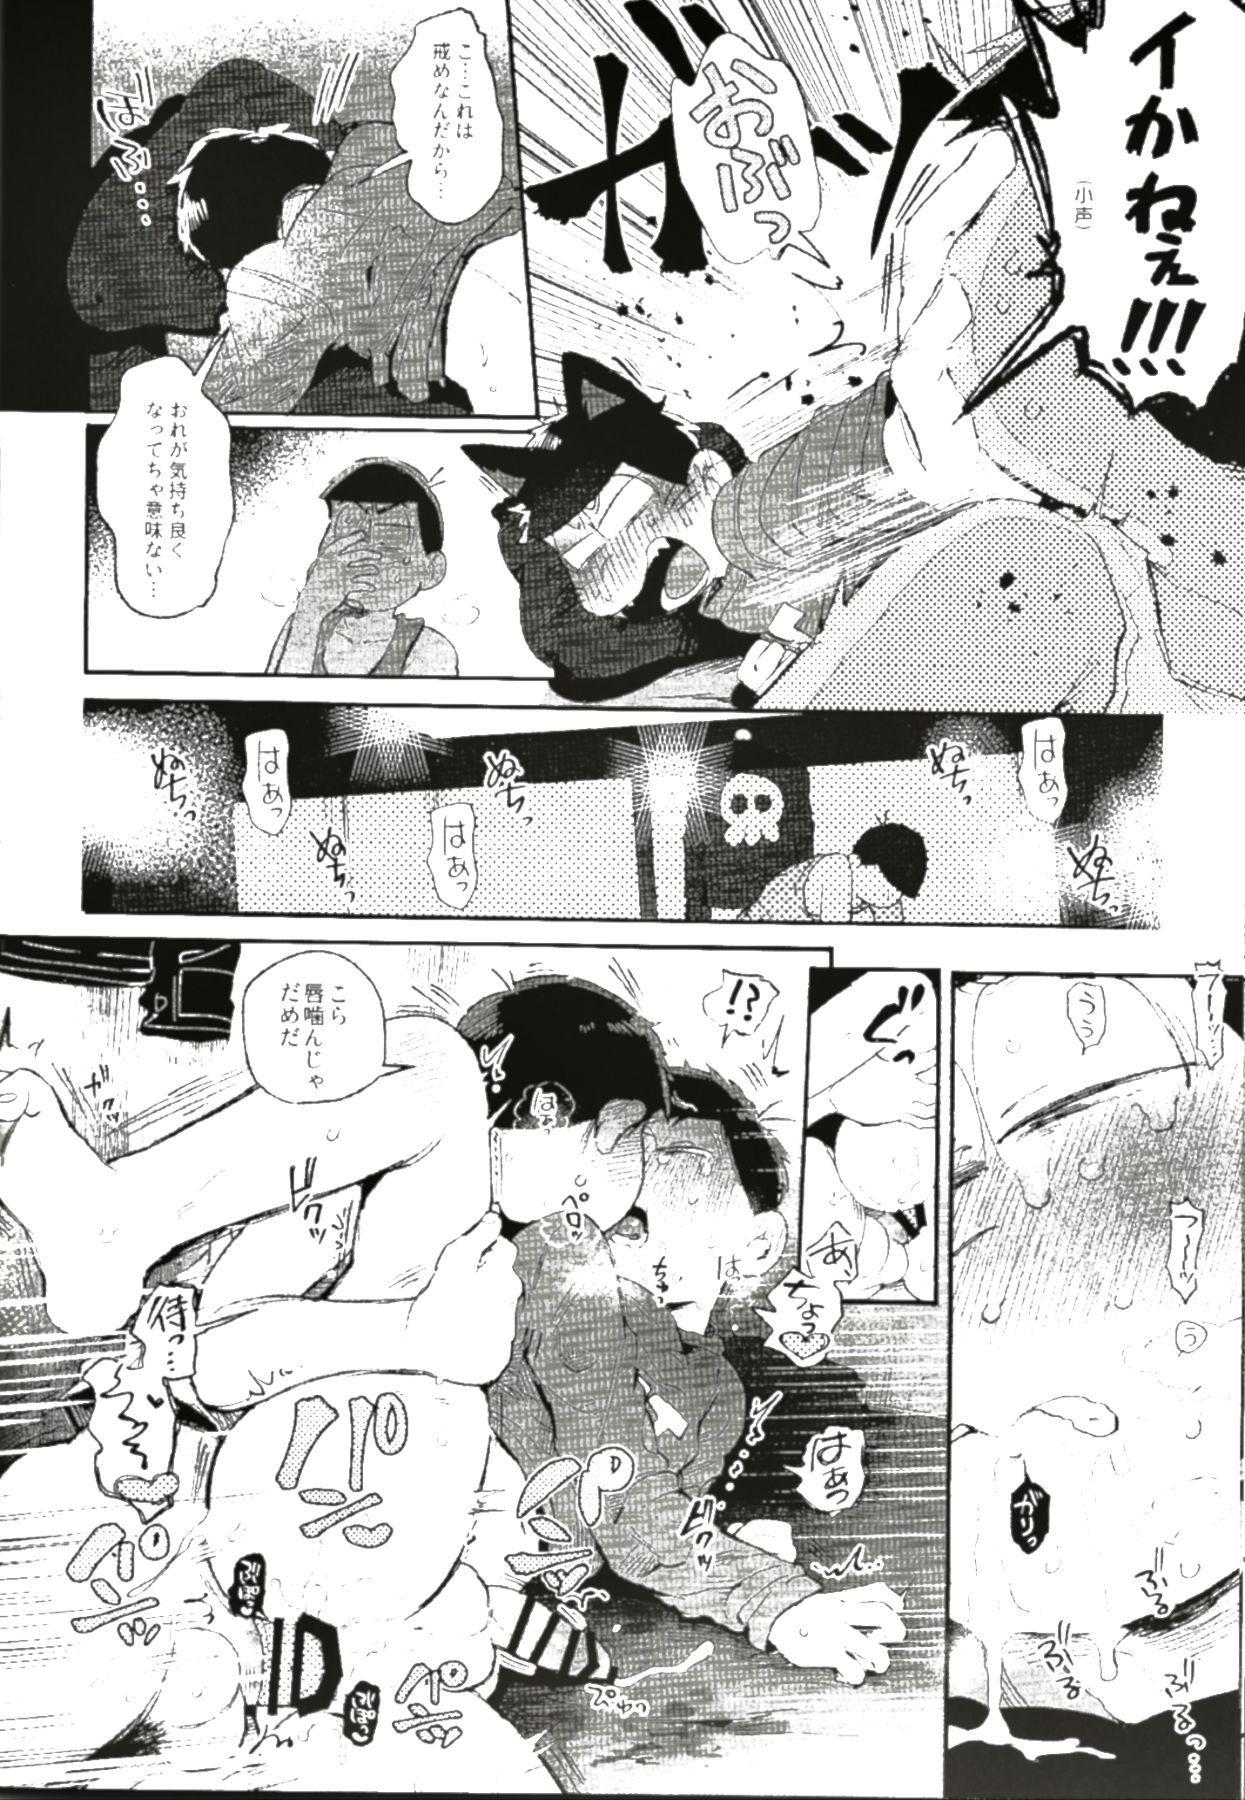 Kore ga Bokura no Imashime Riron 14